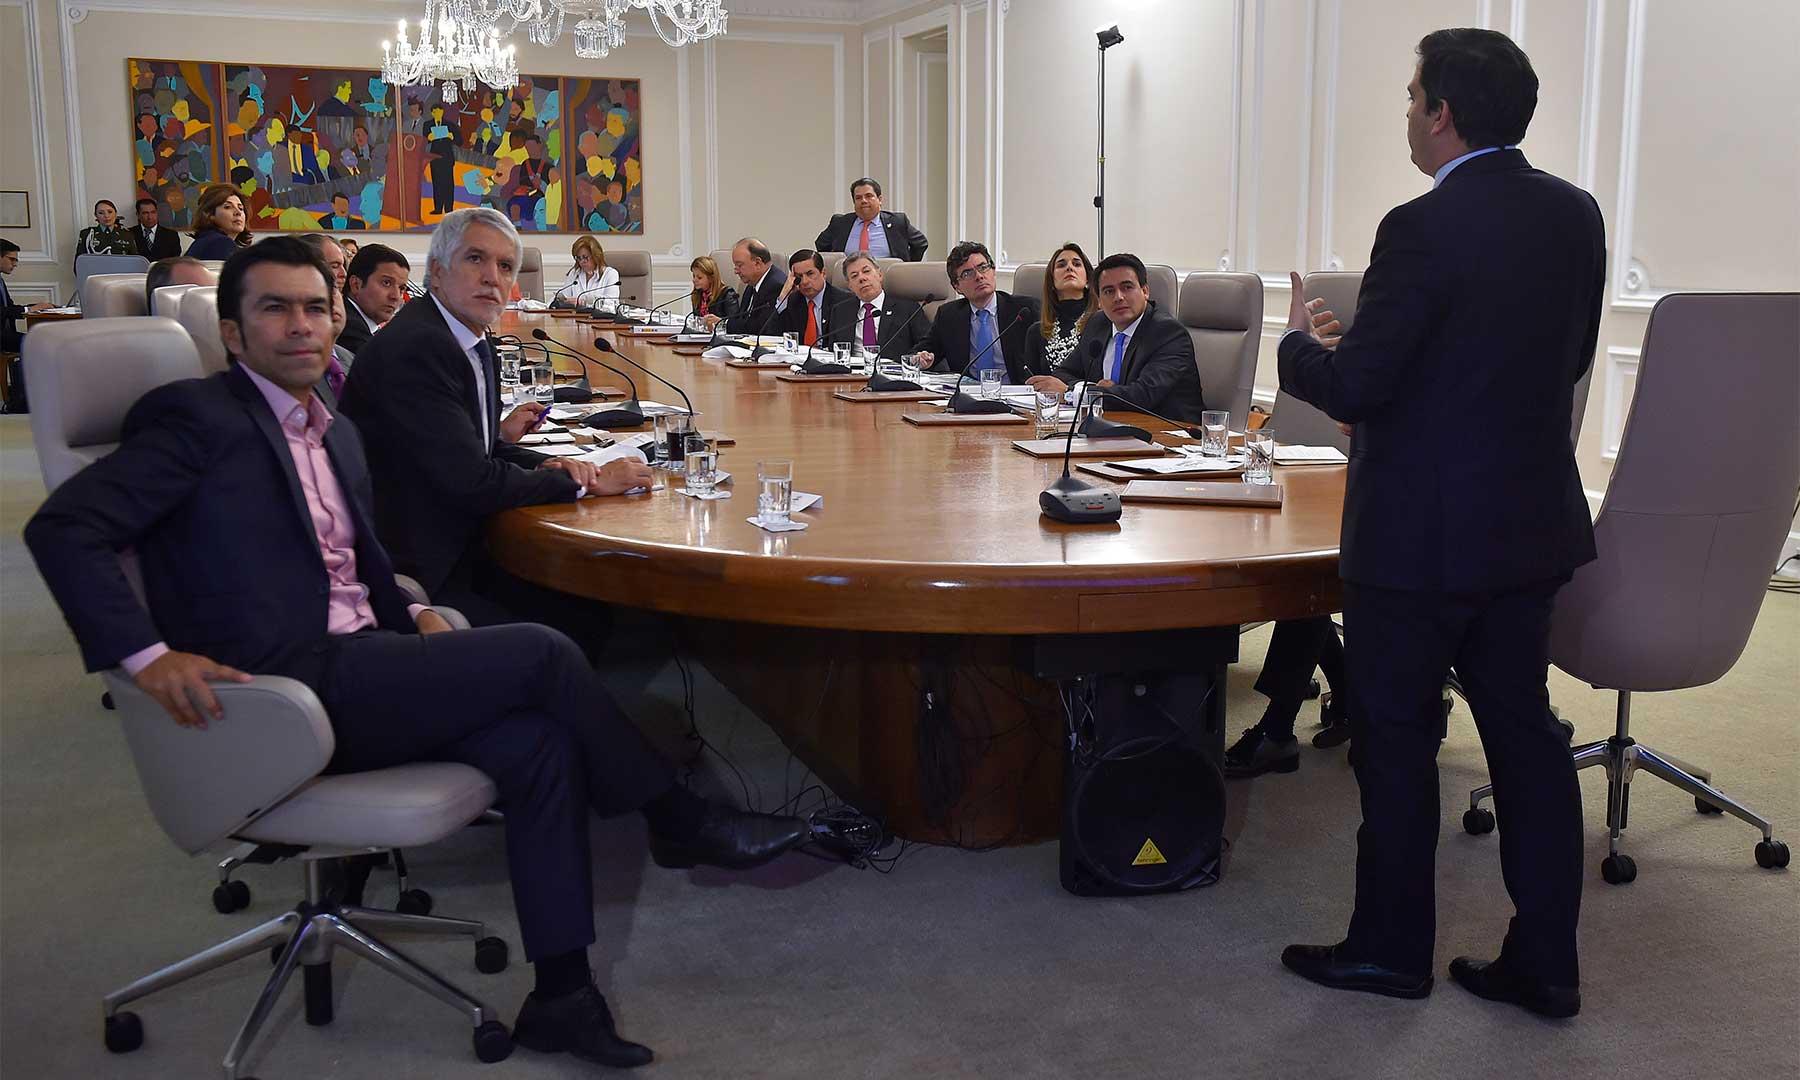 El Conpes, encabezado por el Presidente, aprobó este martes tres proyectos de movilidad para la región capital, con inversión de más de 15 billones. Participaron el Alcalde de Bogotá y el Gobernador de Cundinamarca.